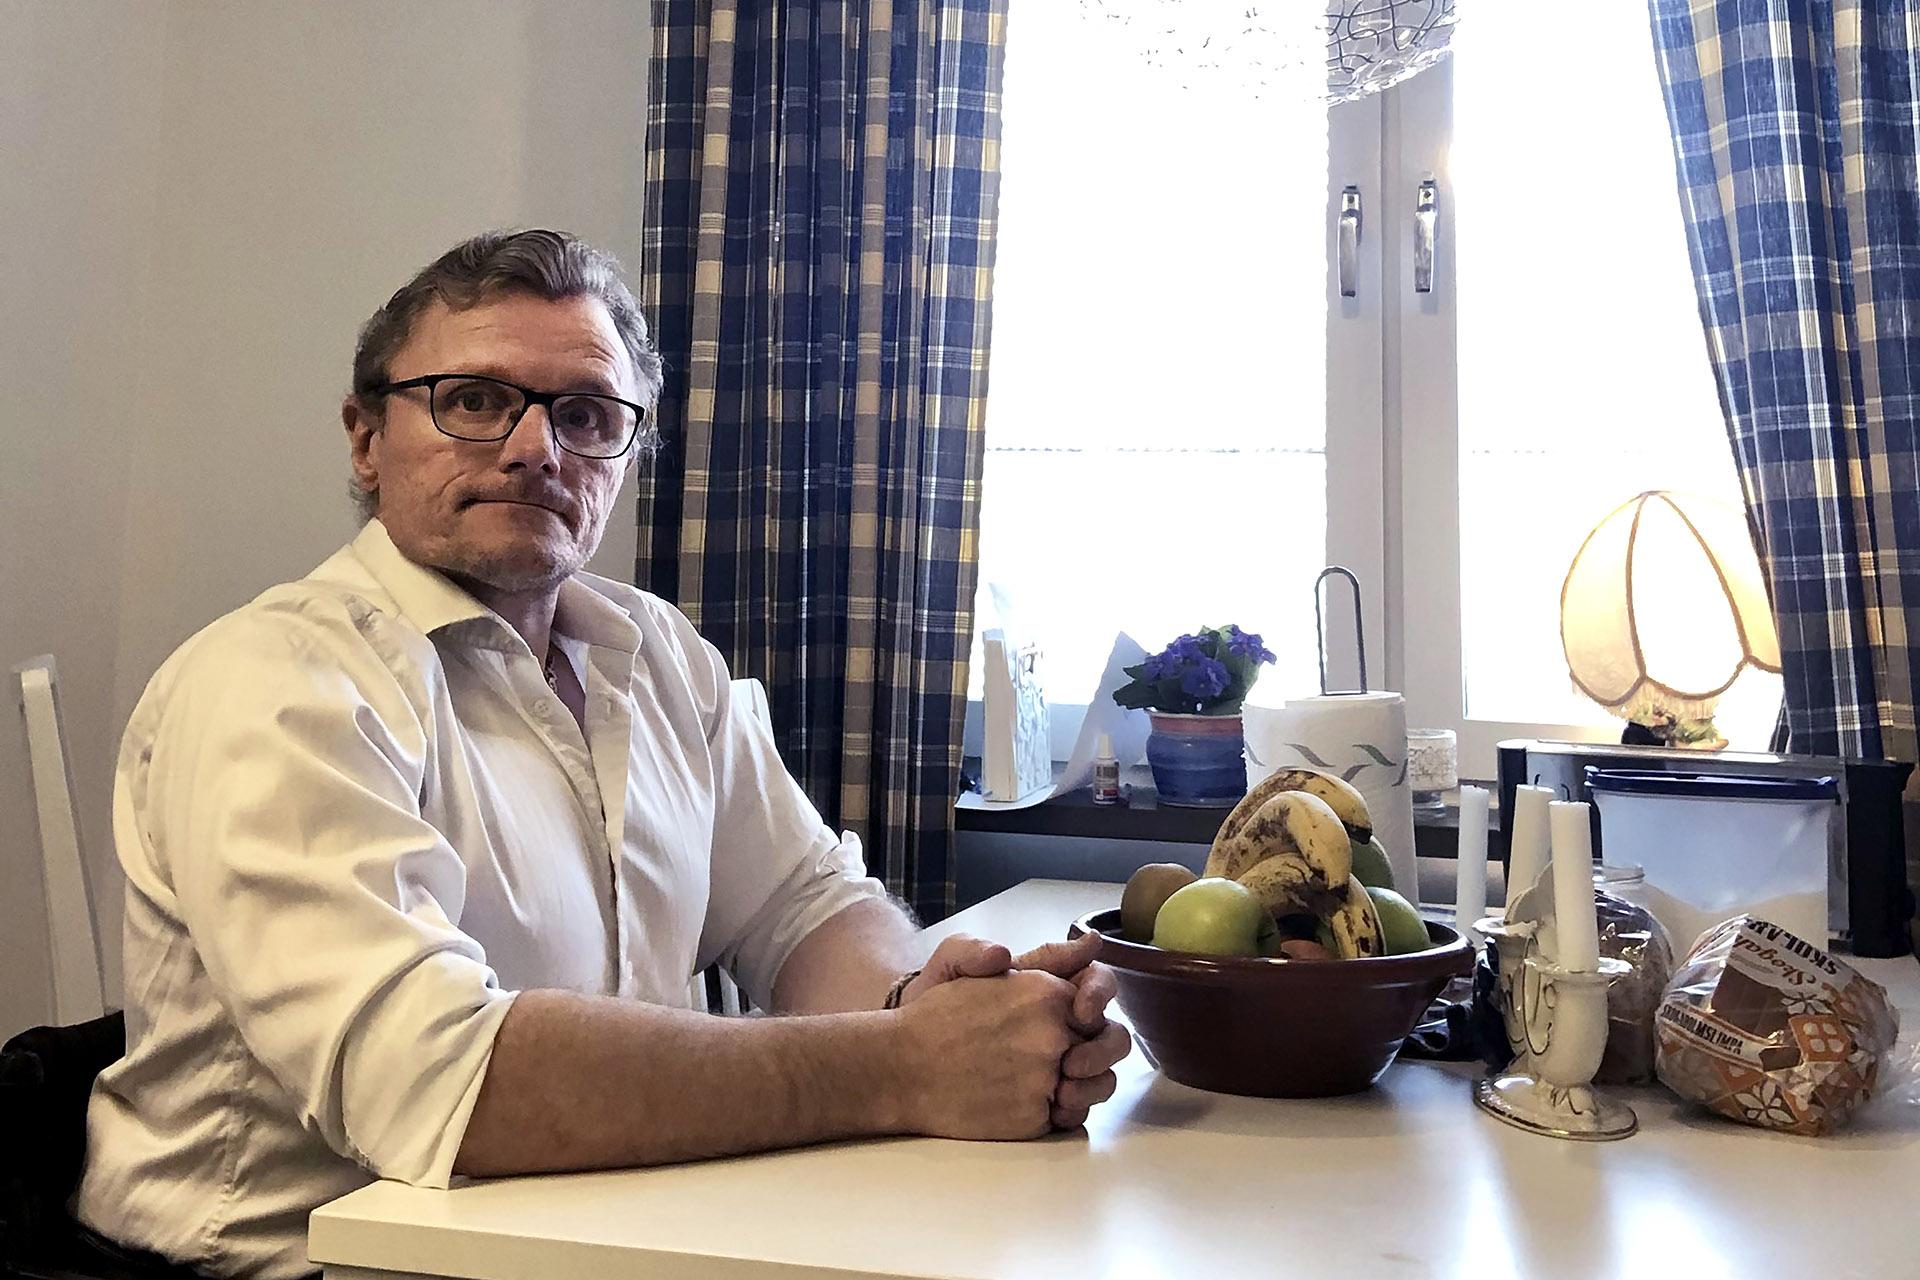 Lars-Göran Wadén trivs som hyresgäst hos Heimstaden. Lägenheten har inga höga trösklar och det finns hiss upp till femte våningen. Senaste året har han jobbat mycket hemifrån, annars reser han ofta i arbetet.